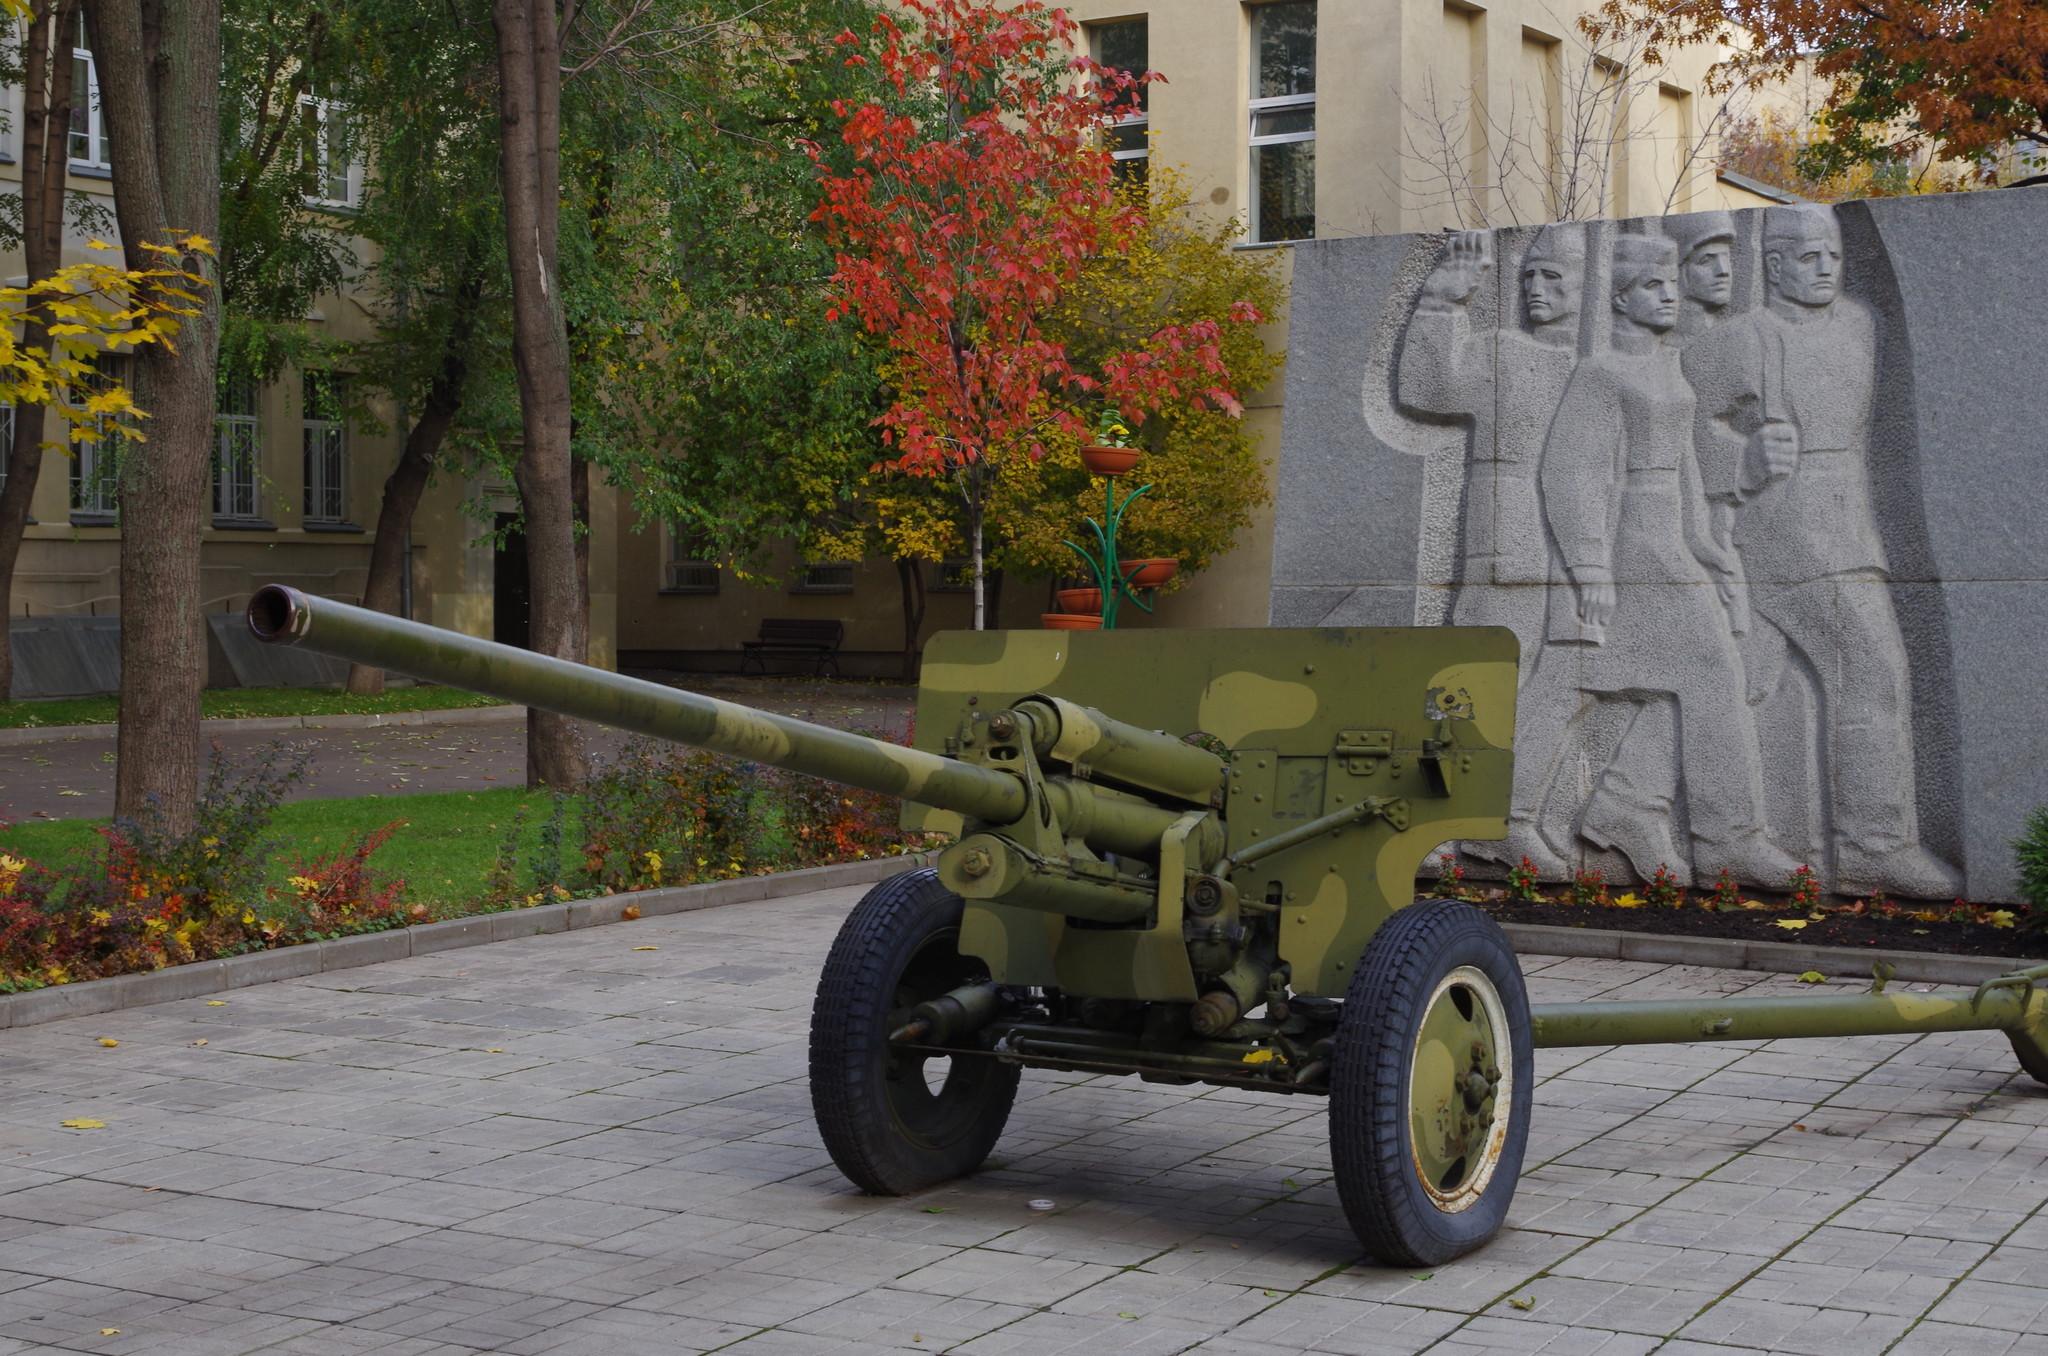 57-мм противотанковая пушка (ЗИС-2) в школьном дворе (Центр образования 175)